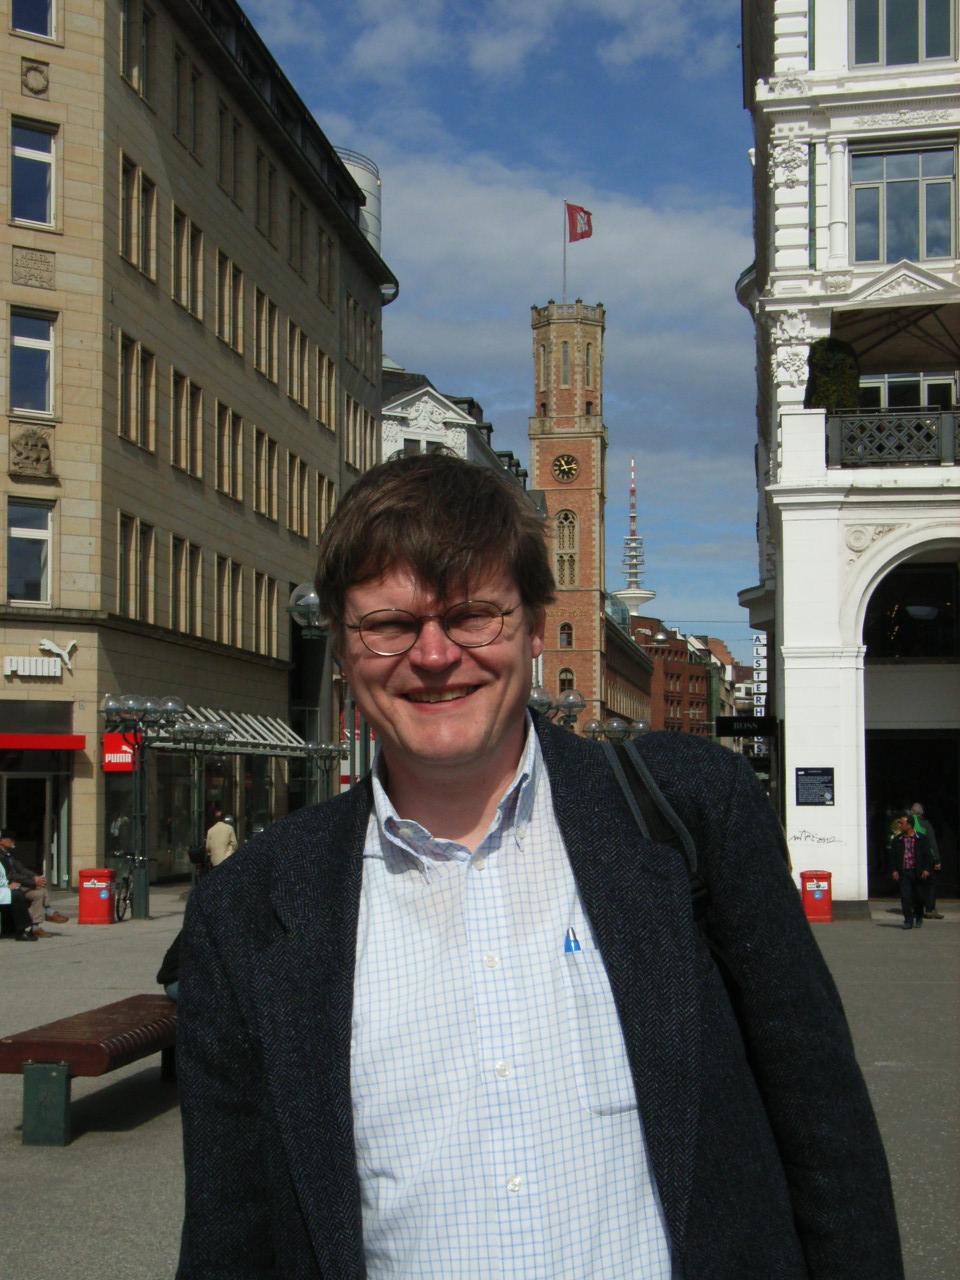 Philippe Depreux